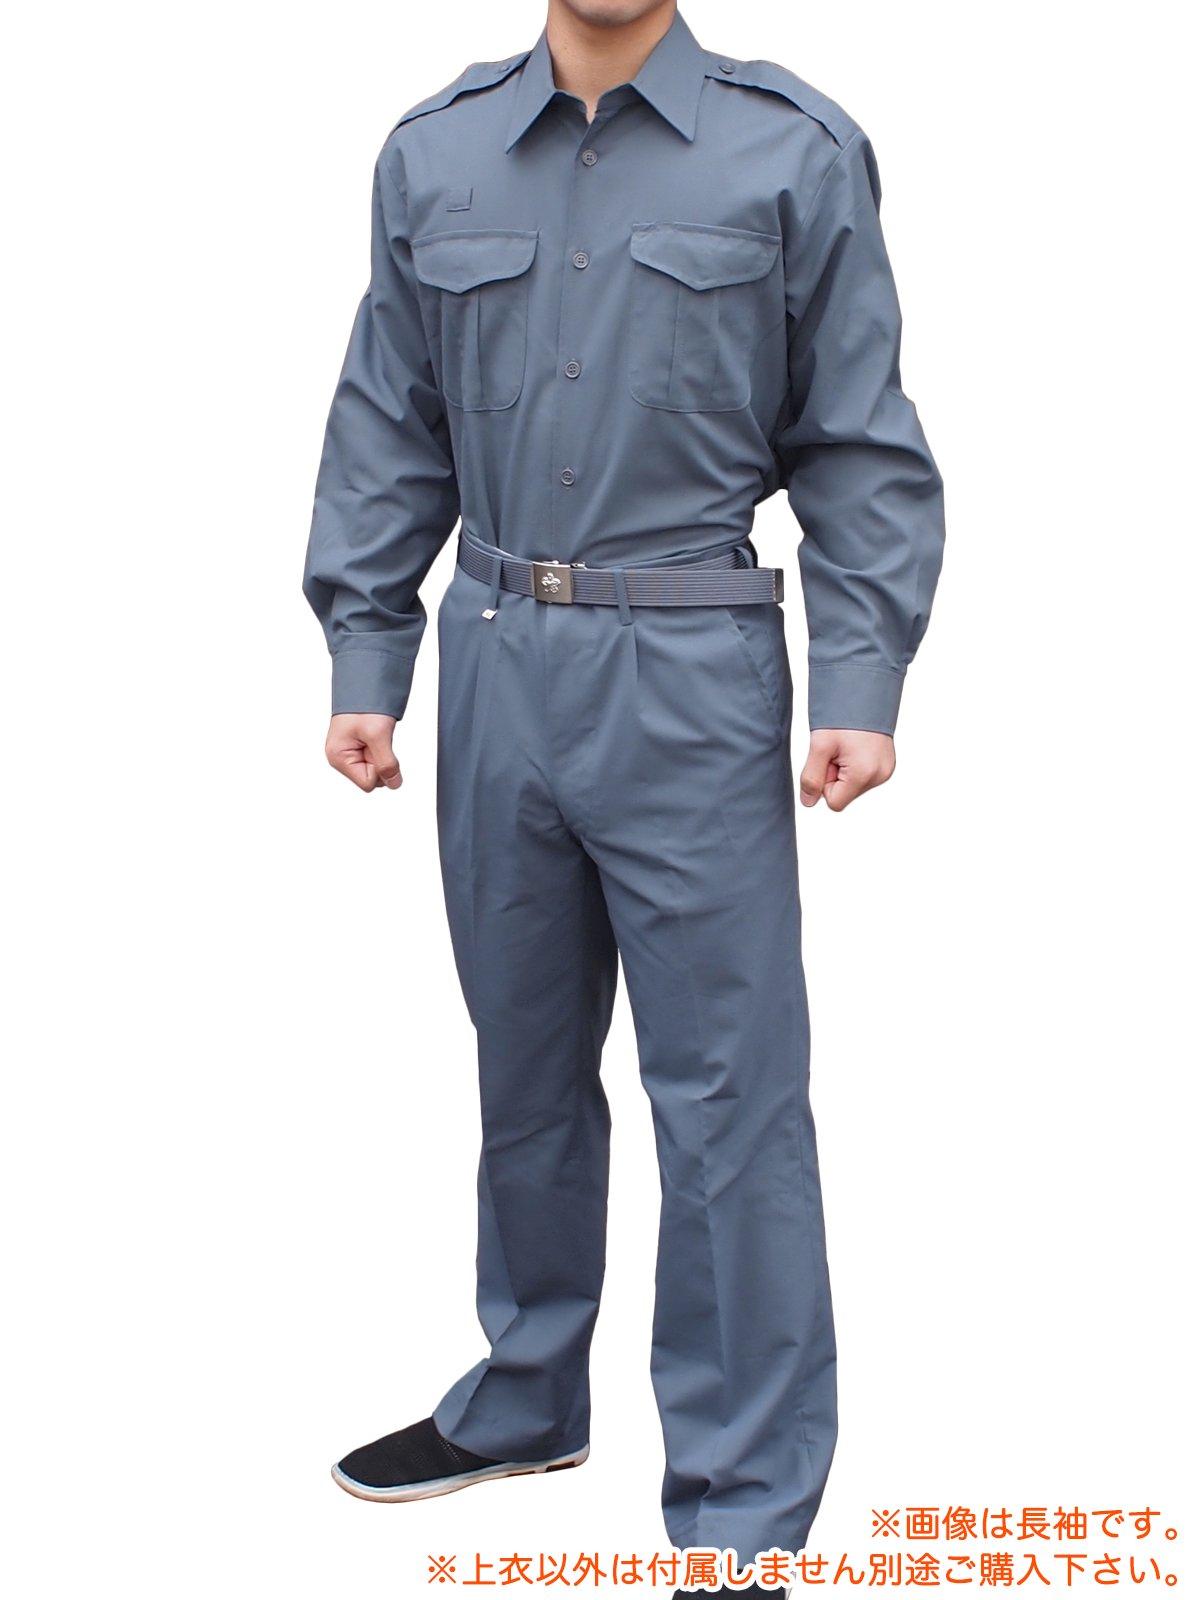 消防盛夏服(グレー)カッター半袖上衣【画像3】